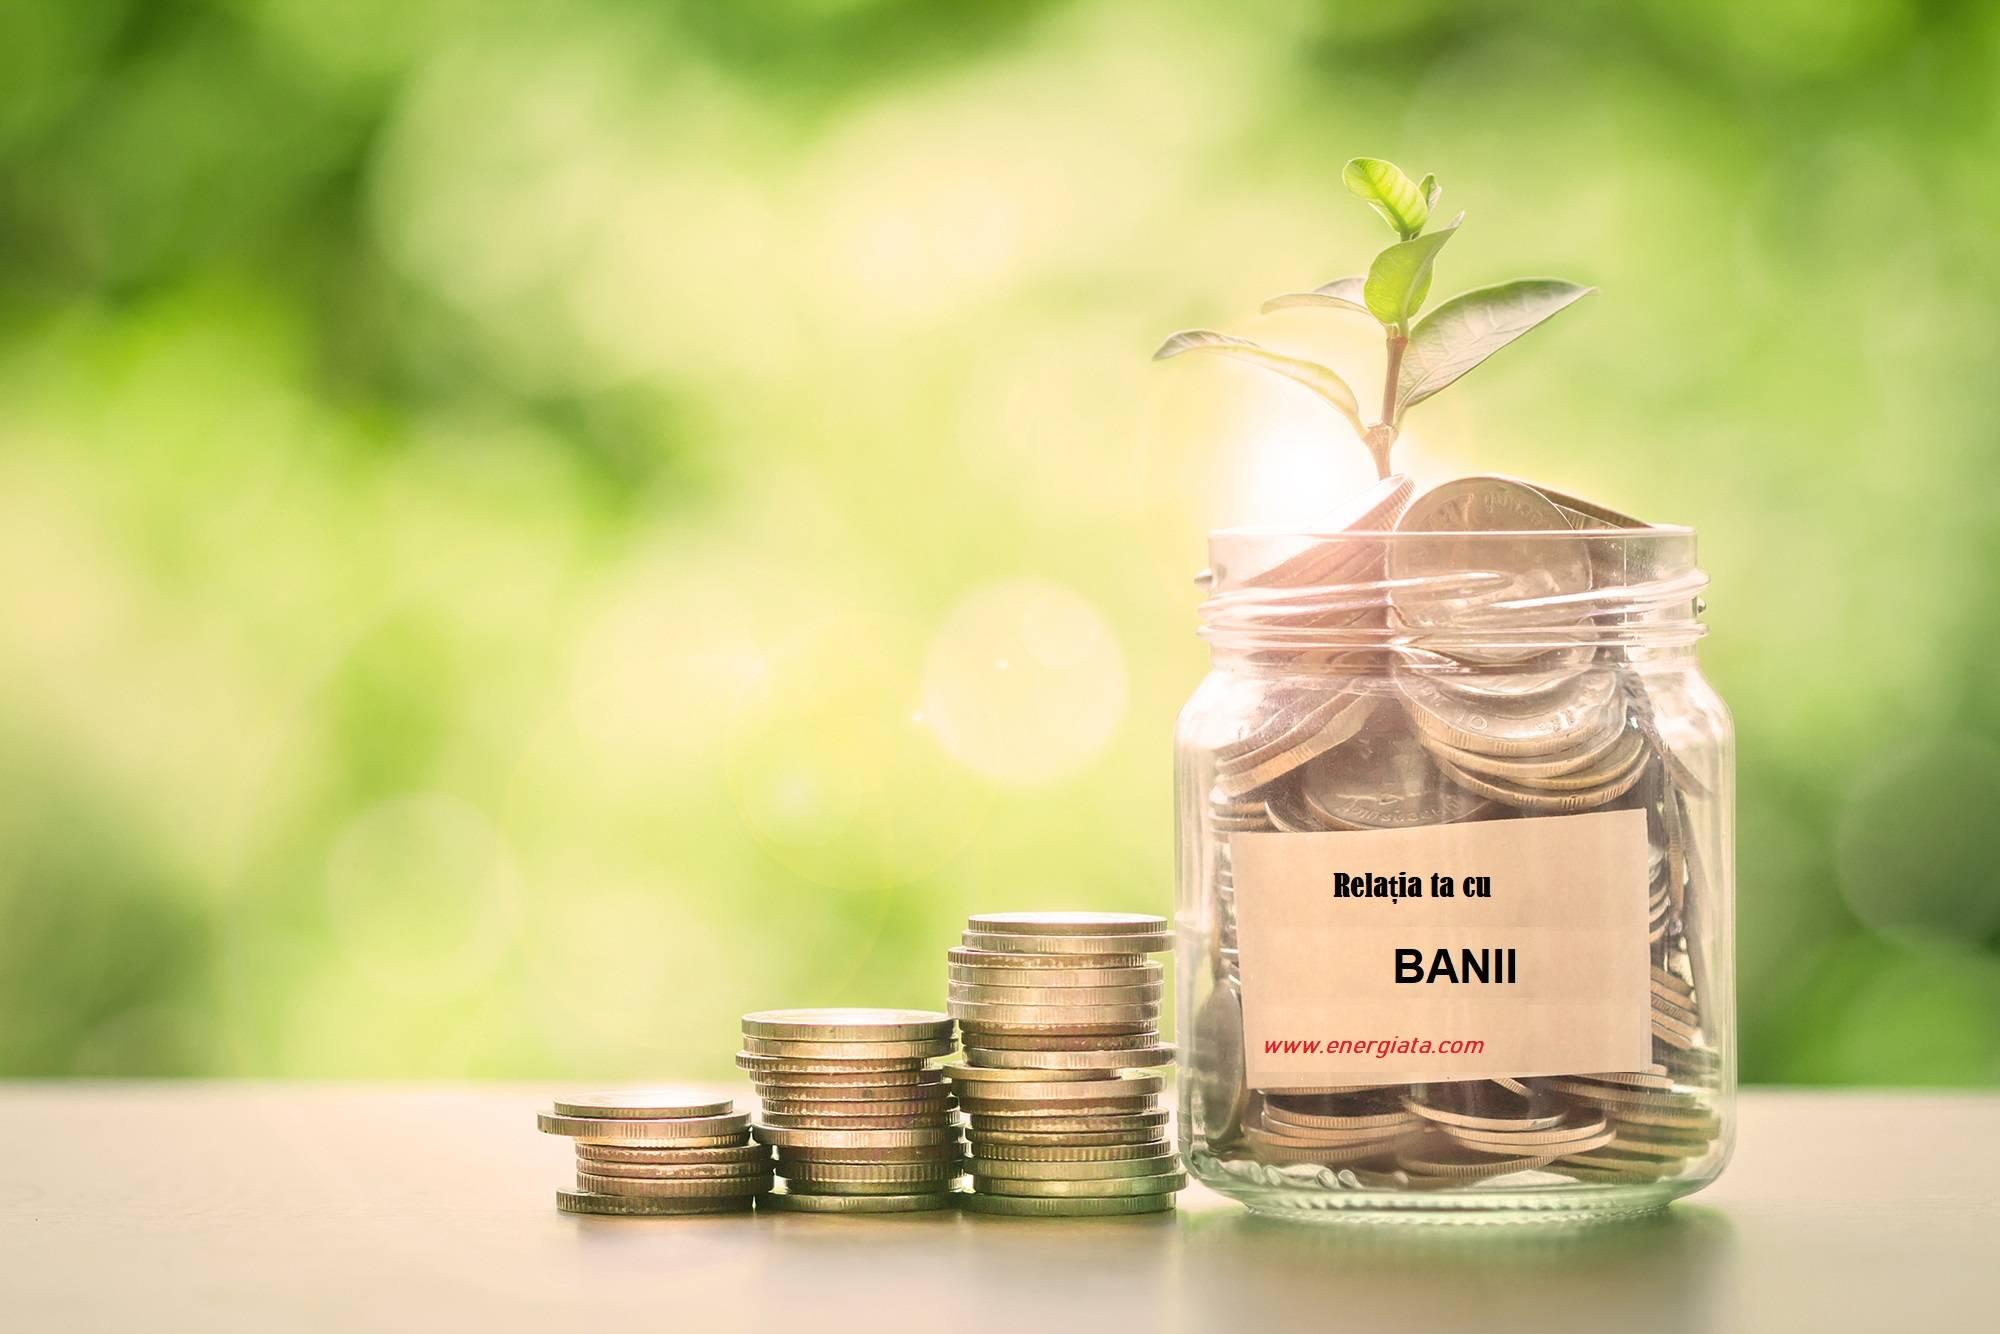 investiția în bani imediat principiul stocării informațiilor pentru câștigarea de bitcoin